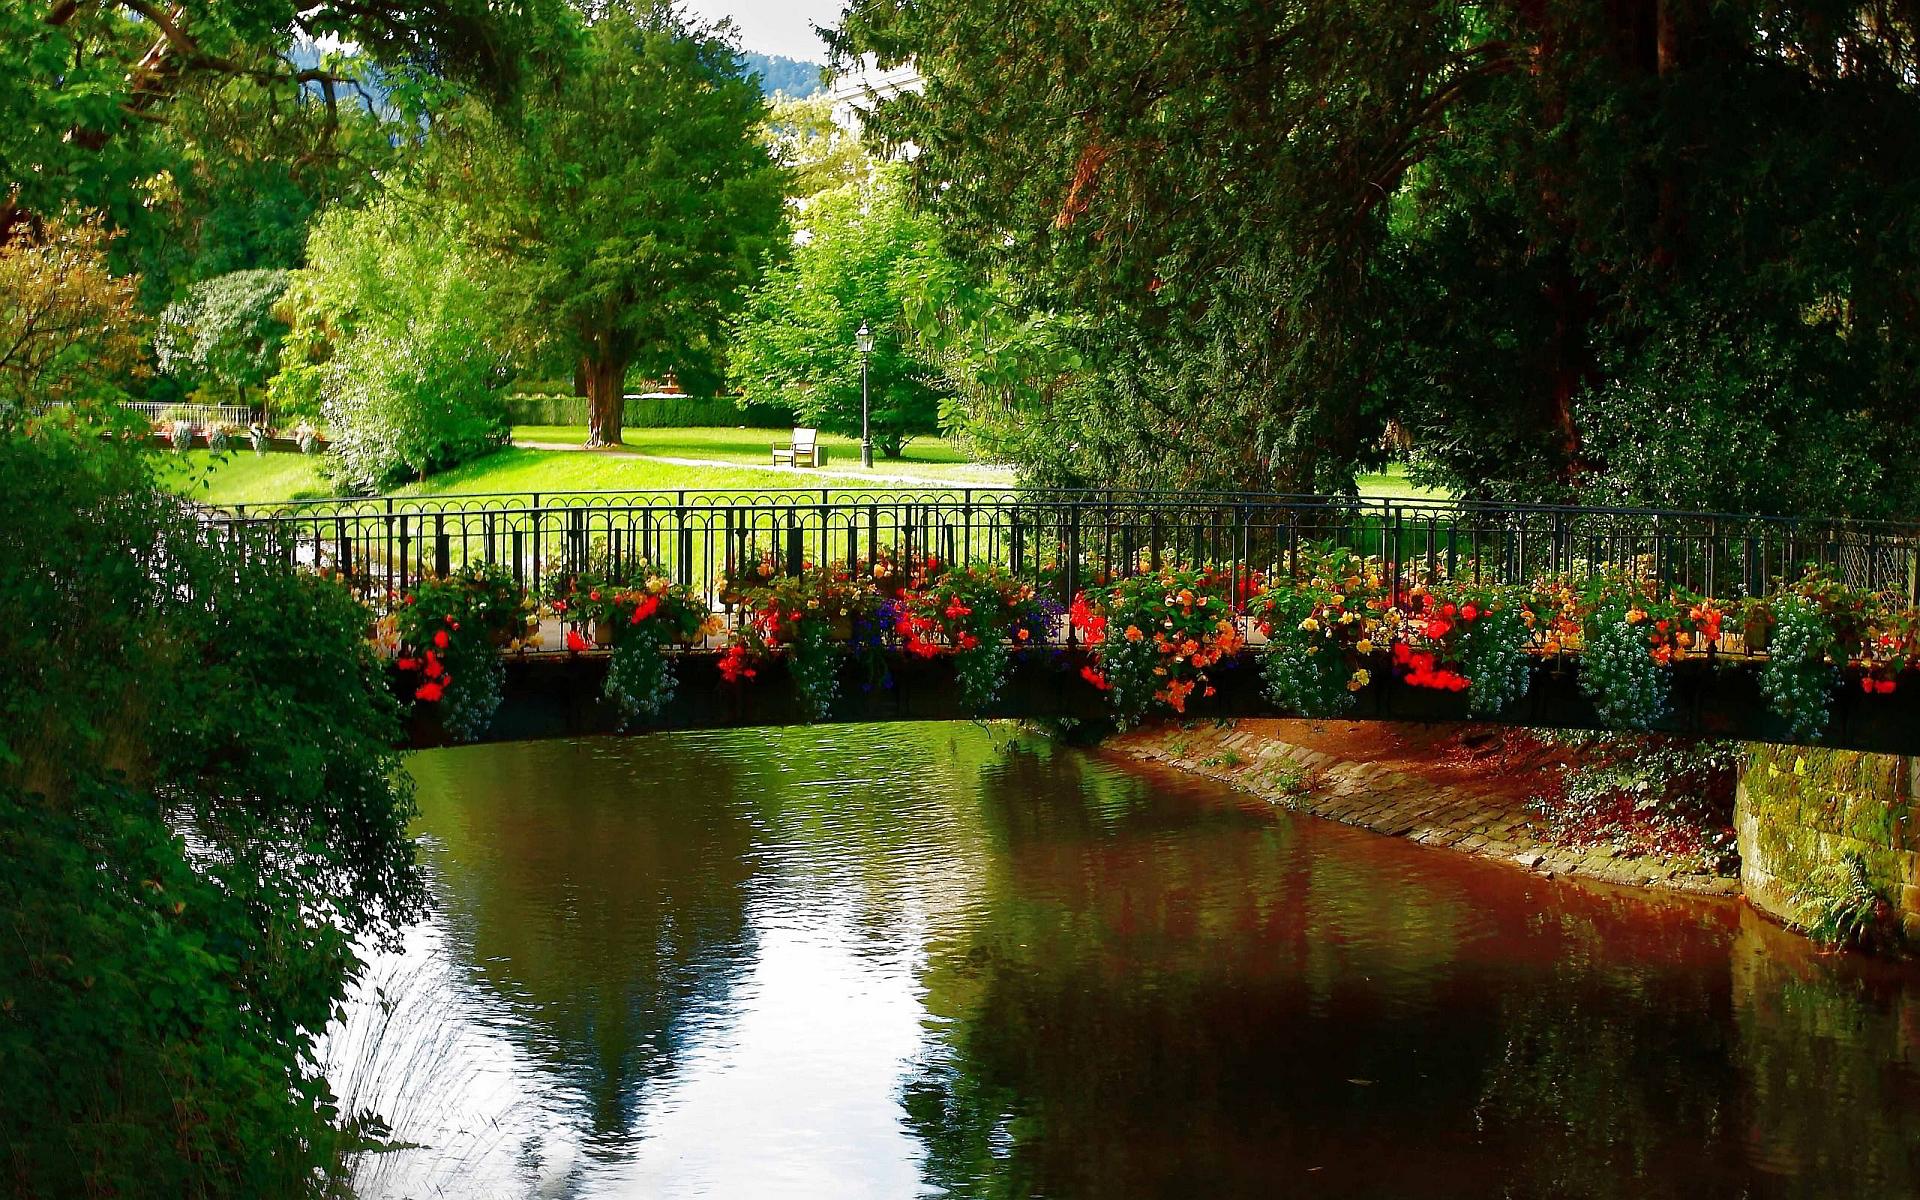 Park bridge flowers